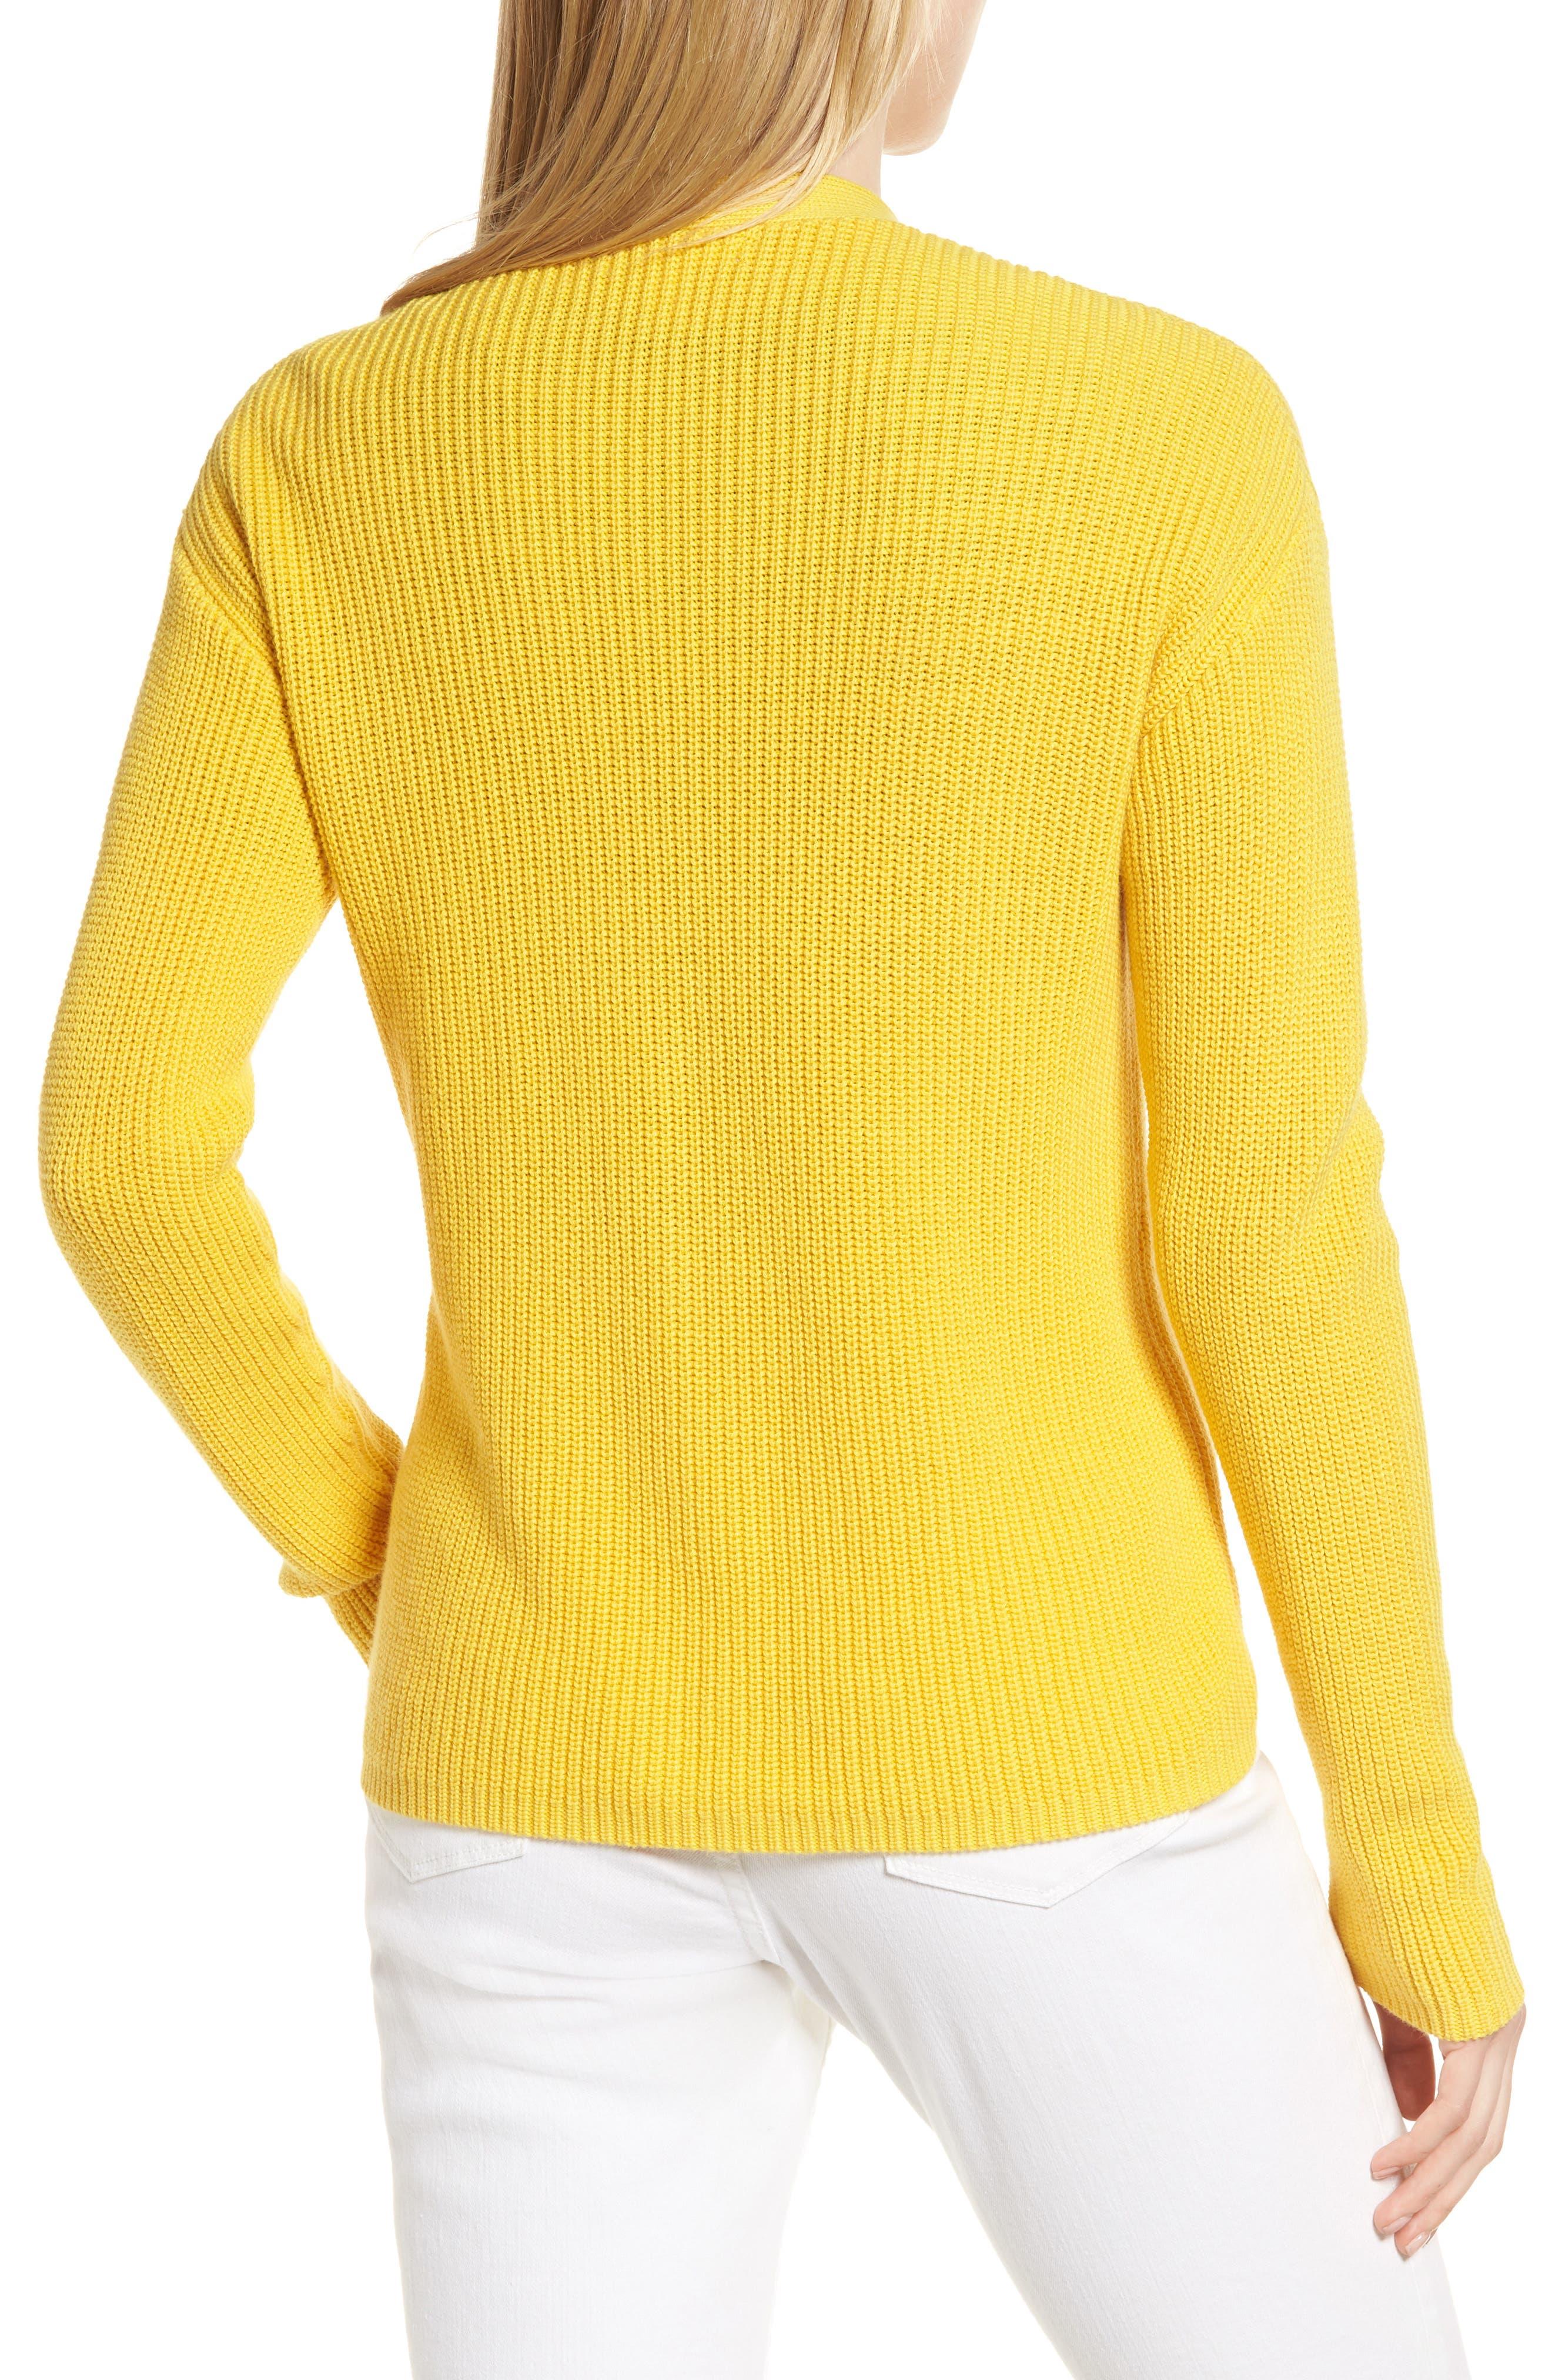 Shaker Knit Cardigan,                             Alternate thumbnail 13, color,